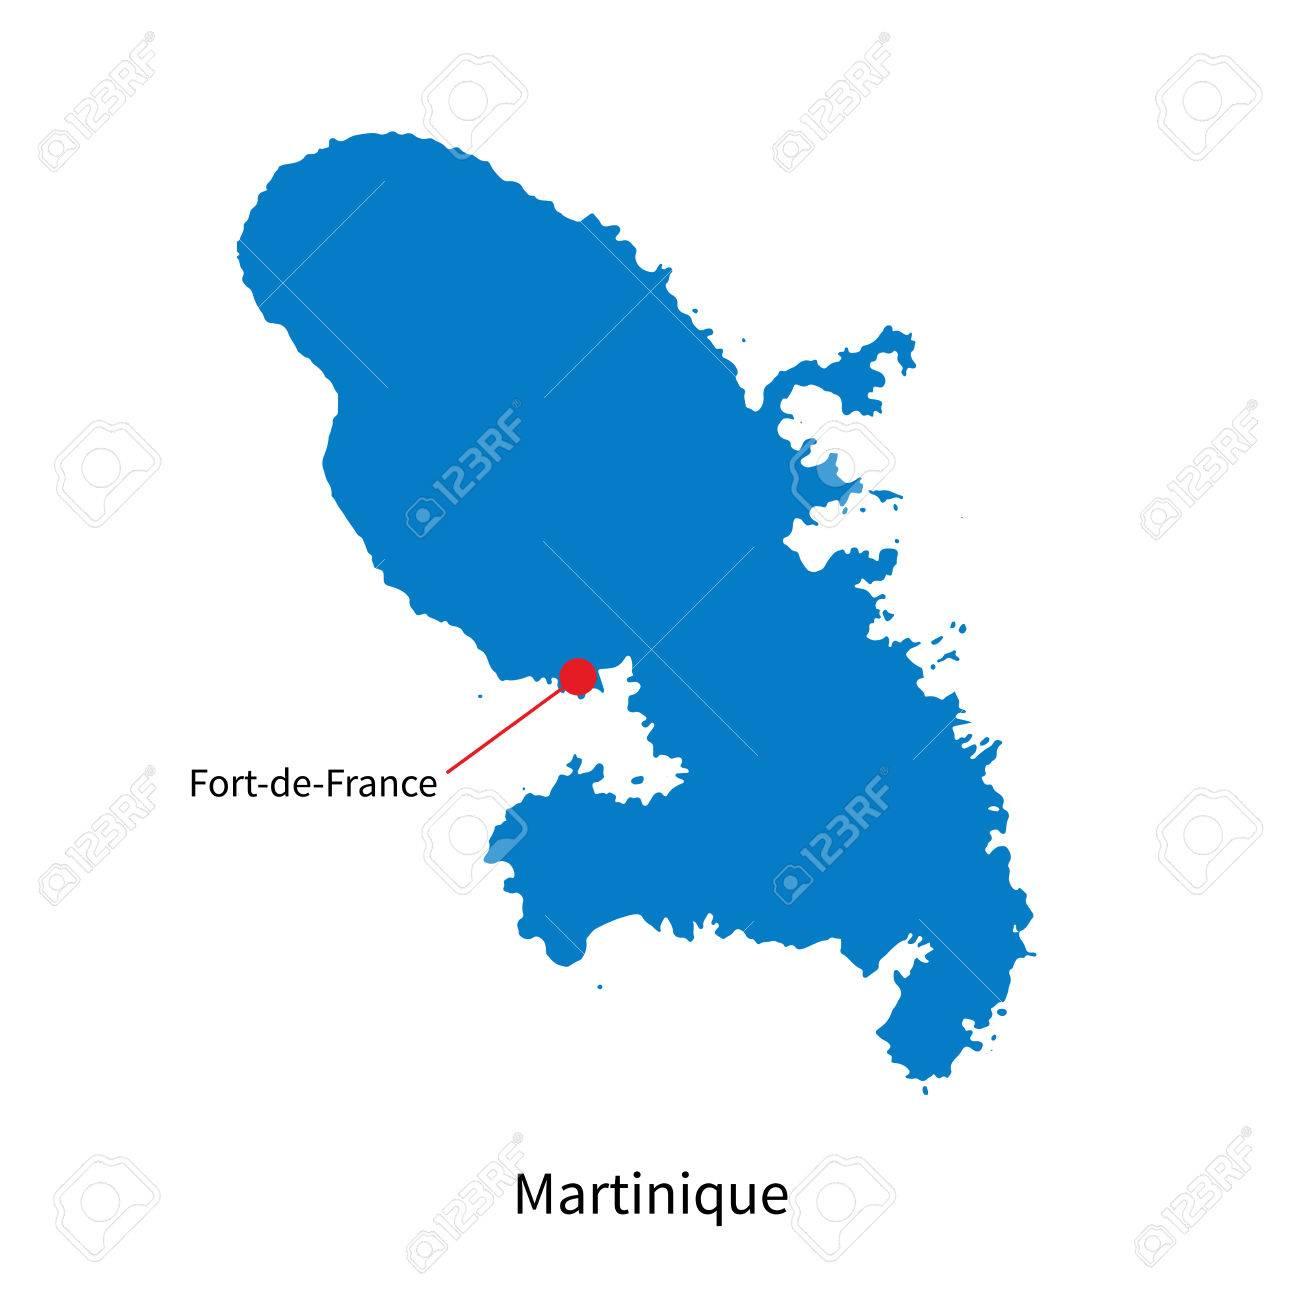 Carte Martinique Detaillee.Carte Detaillee De La Martinique Et De La Capitale Fort De France